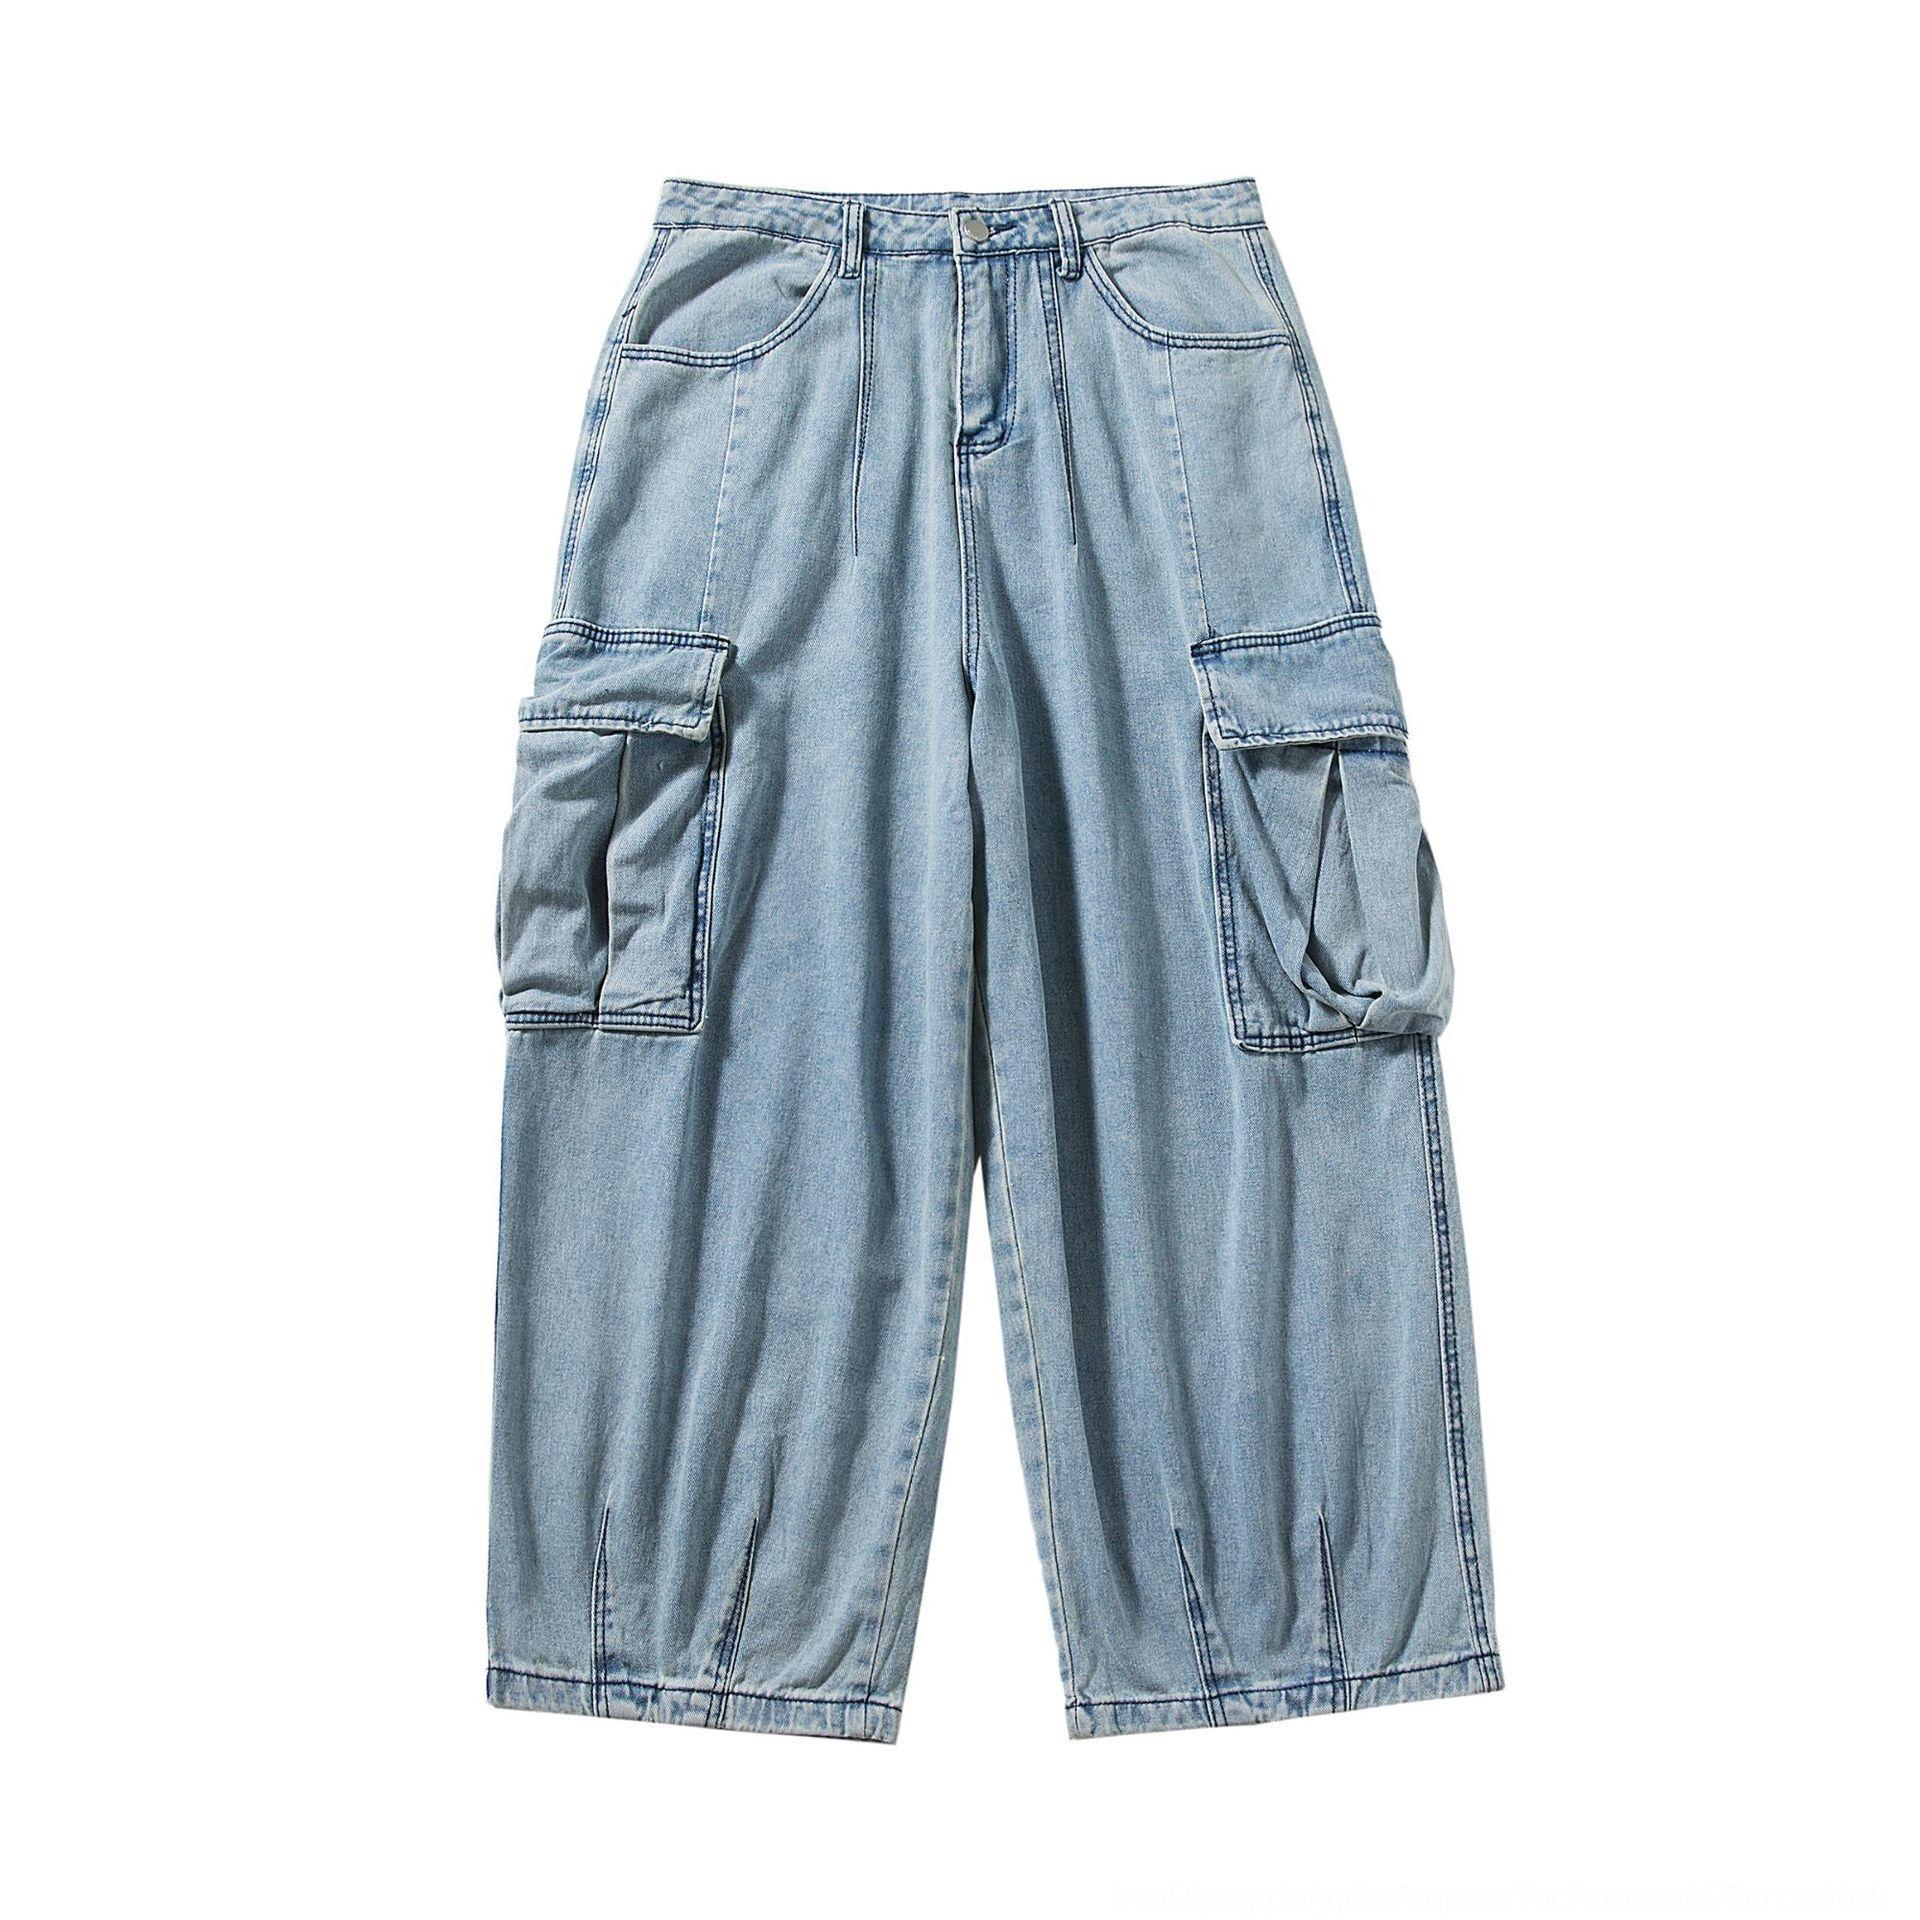 tHCak 42bcM Perth automne larges salopettes pantalons à jambes larges droites jambe large jeans hommes de jeans à la mode en trois dimensions loos de la jeunesse combinaison poche